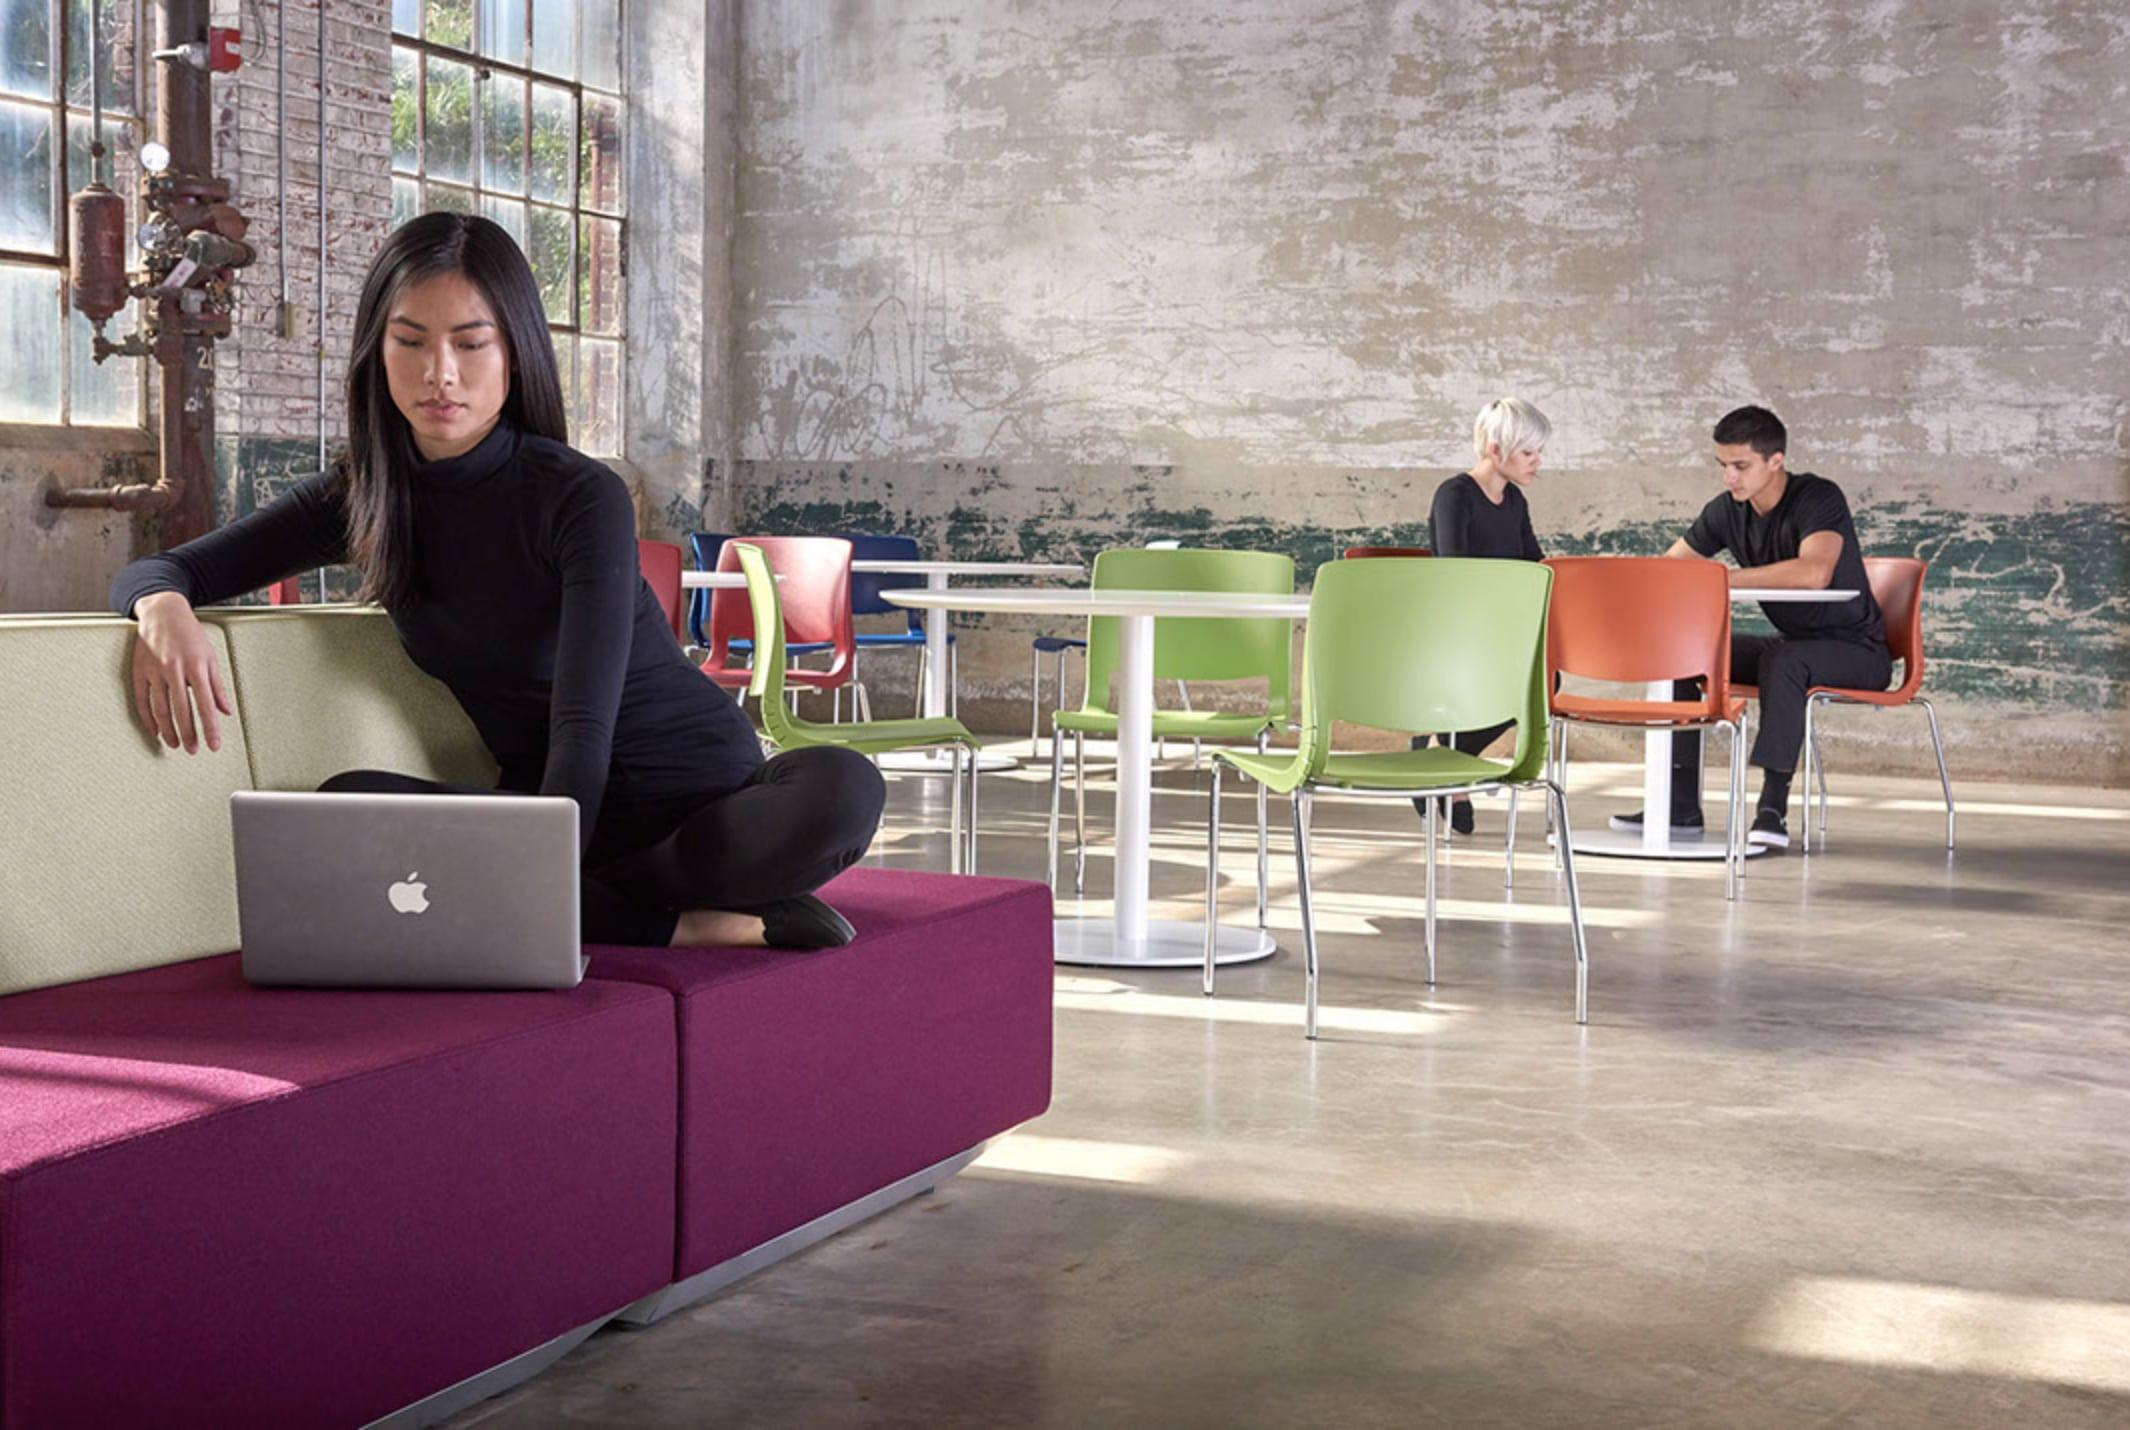 WO_Woman-Laptop-Purple Sofa